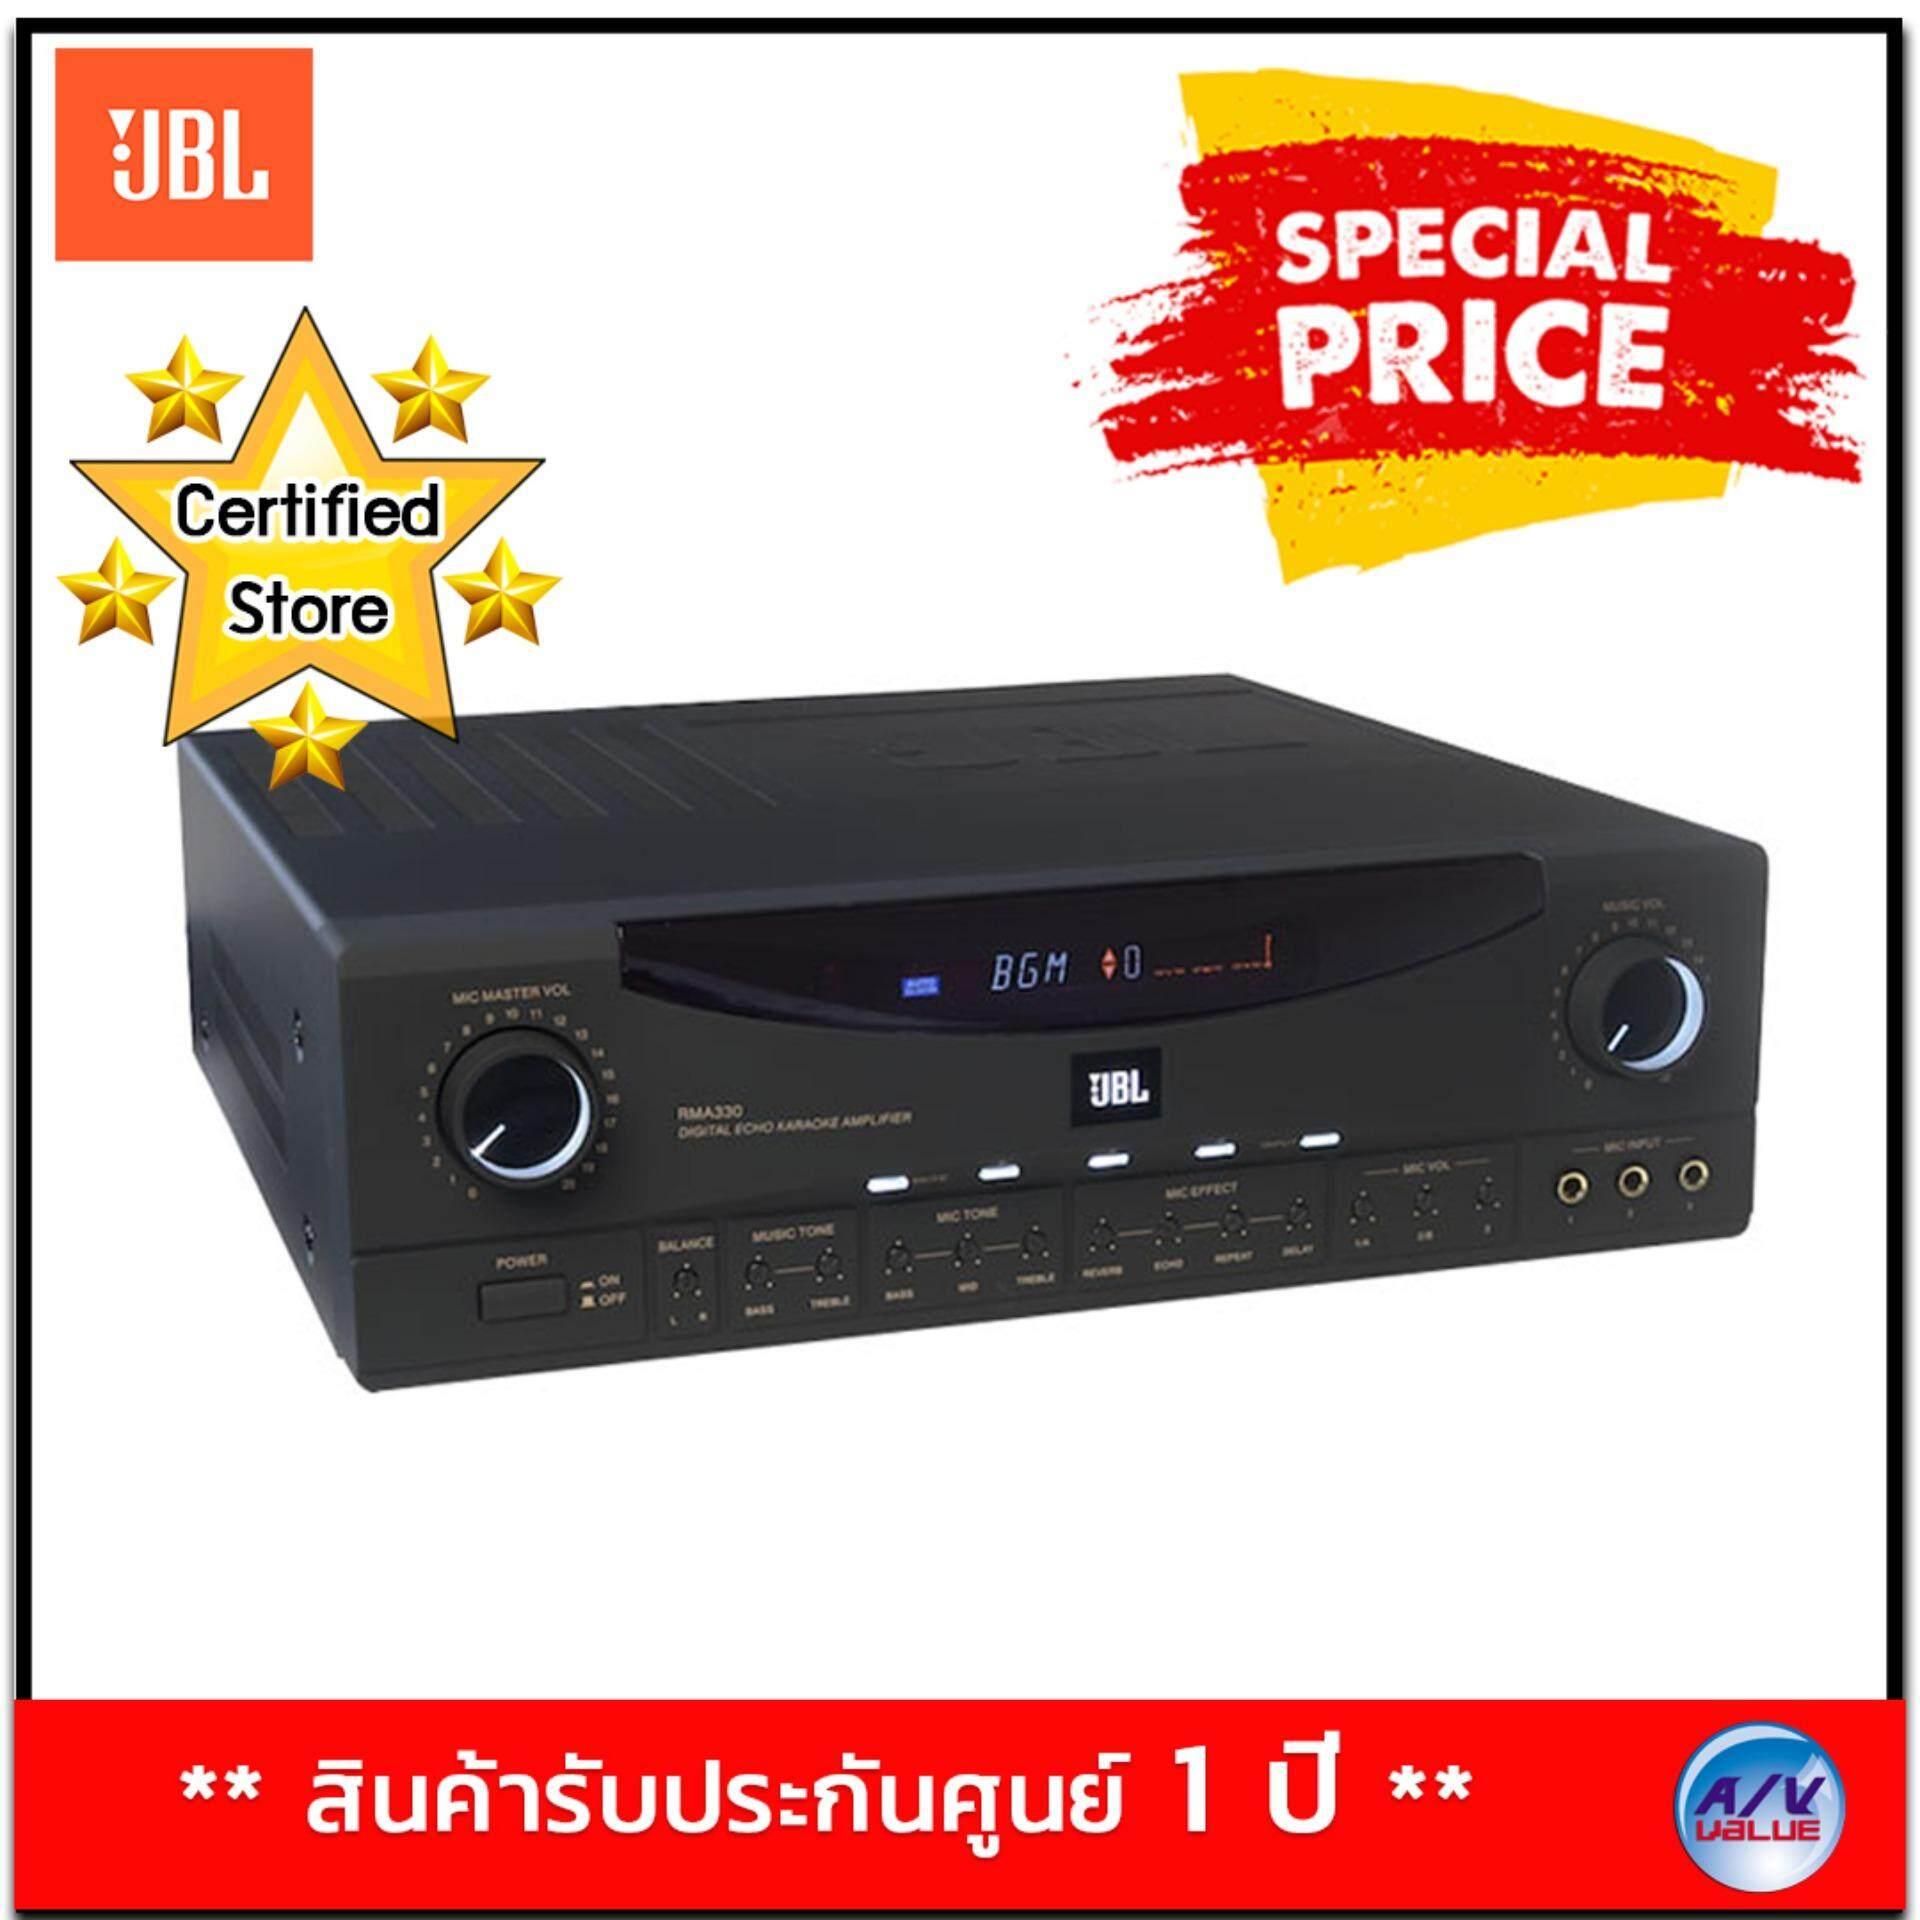 ยี่ห้อนี้ดีไหม  นครราชสีมา JBL RMA330A  Karaoke Amplifier **Voucher ส่วนลดเพิ่มพิเศษ